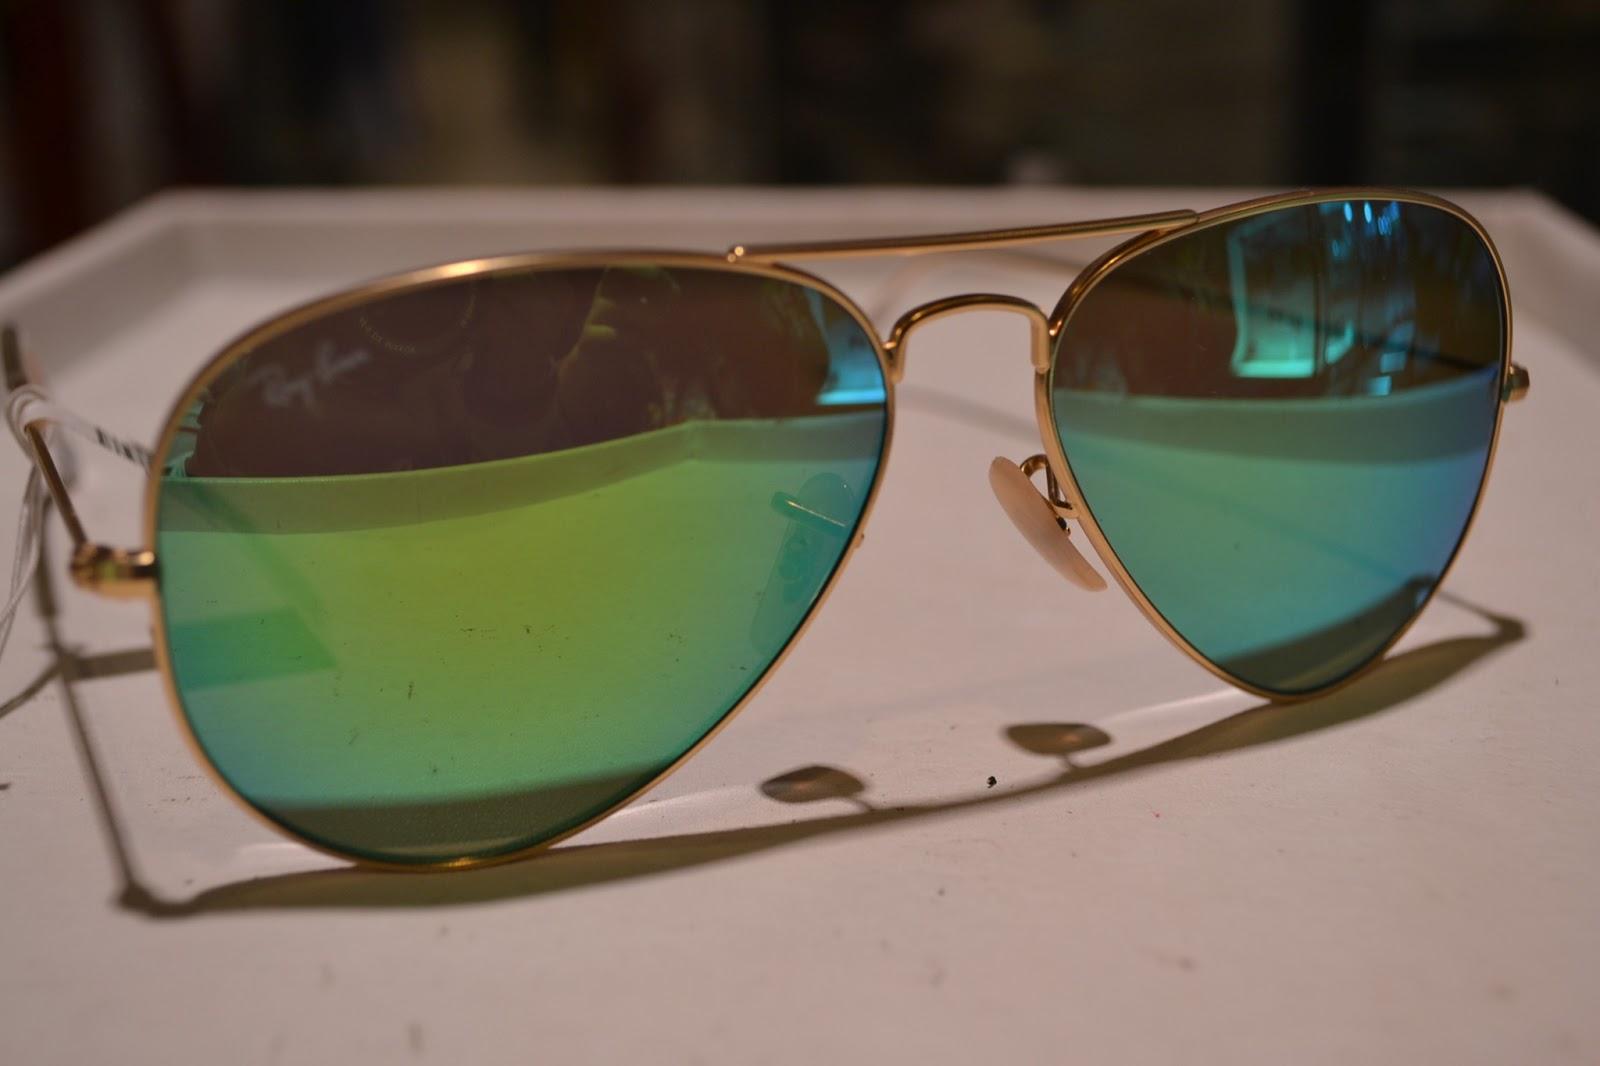 ray ban aviator sunglasses price philippines